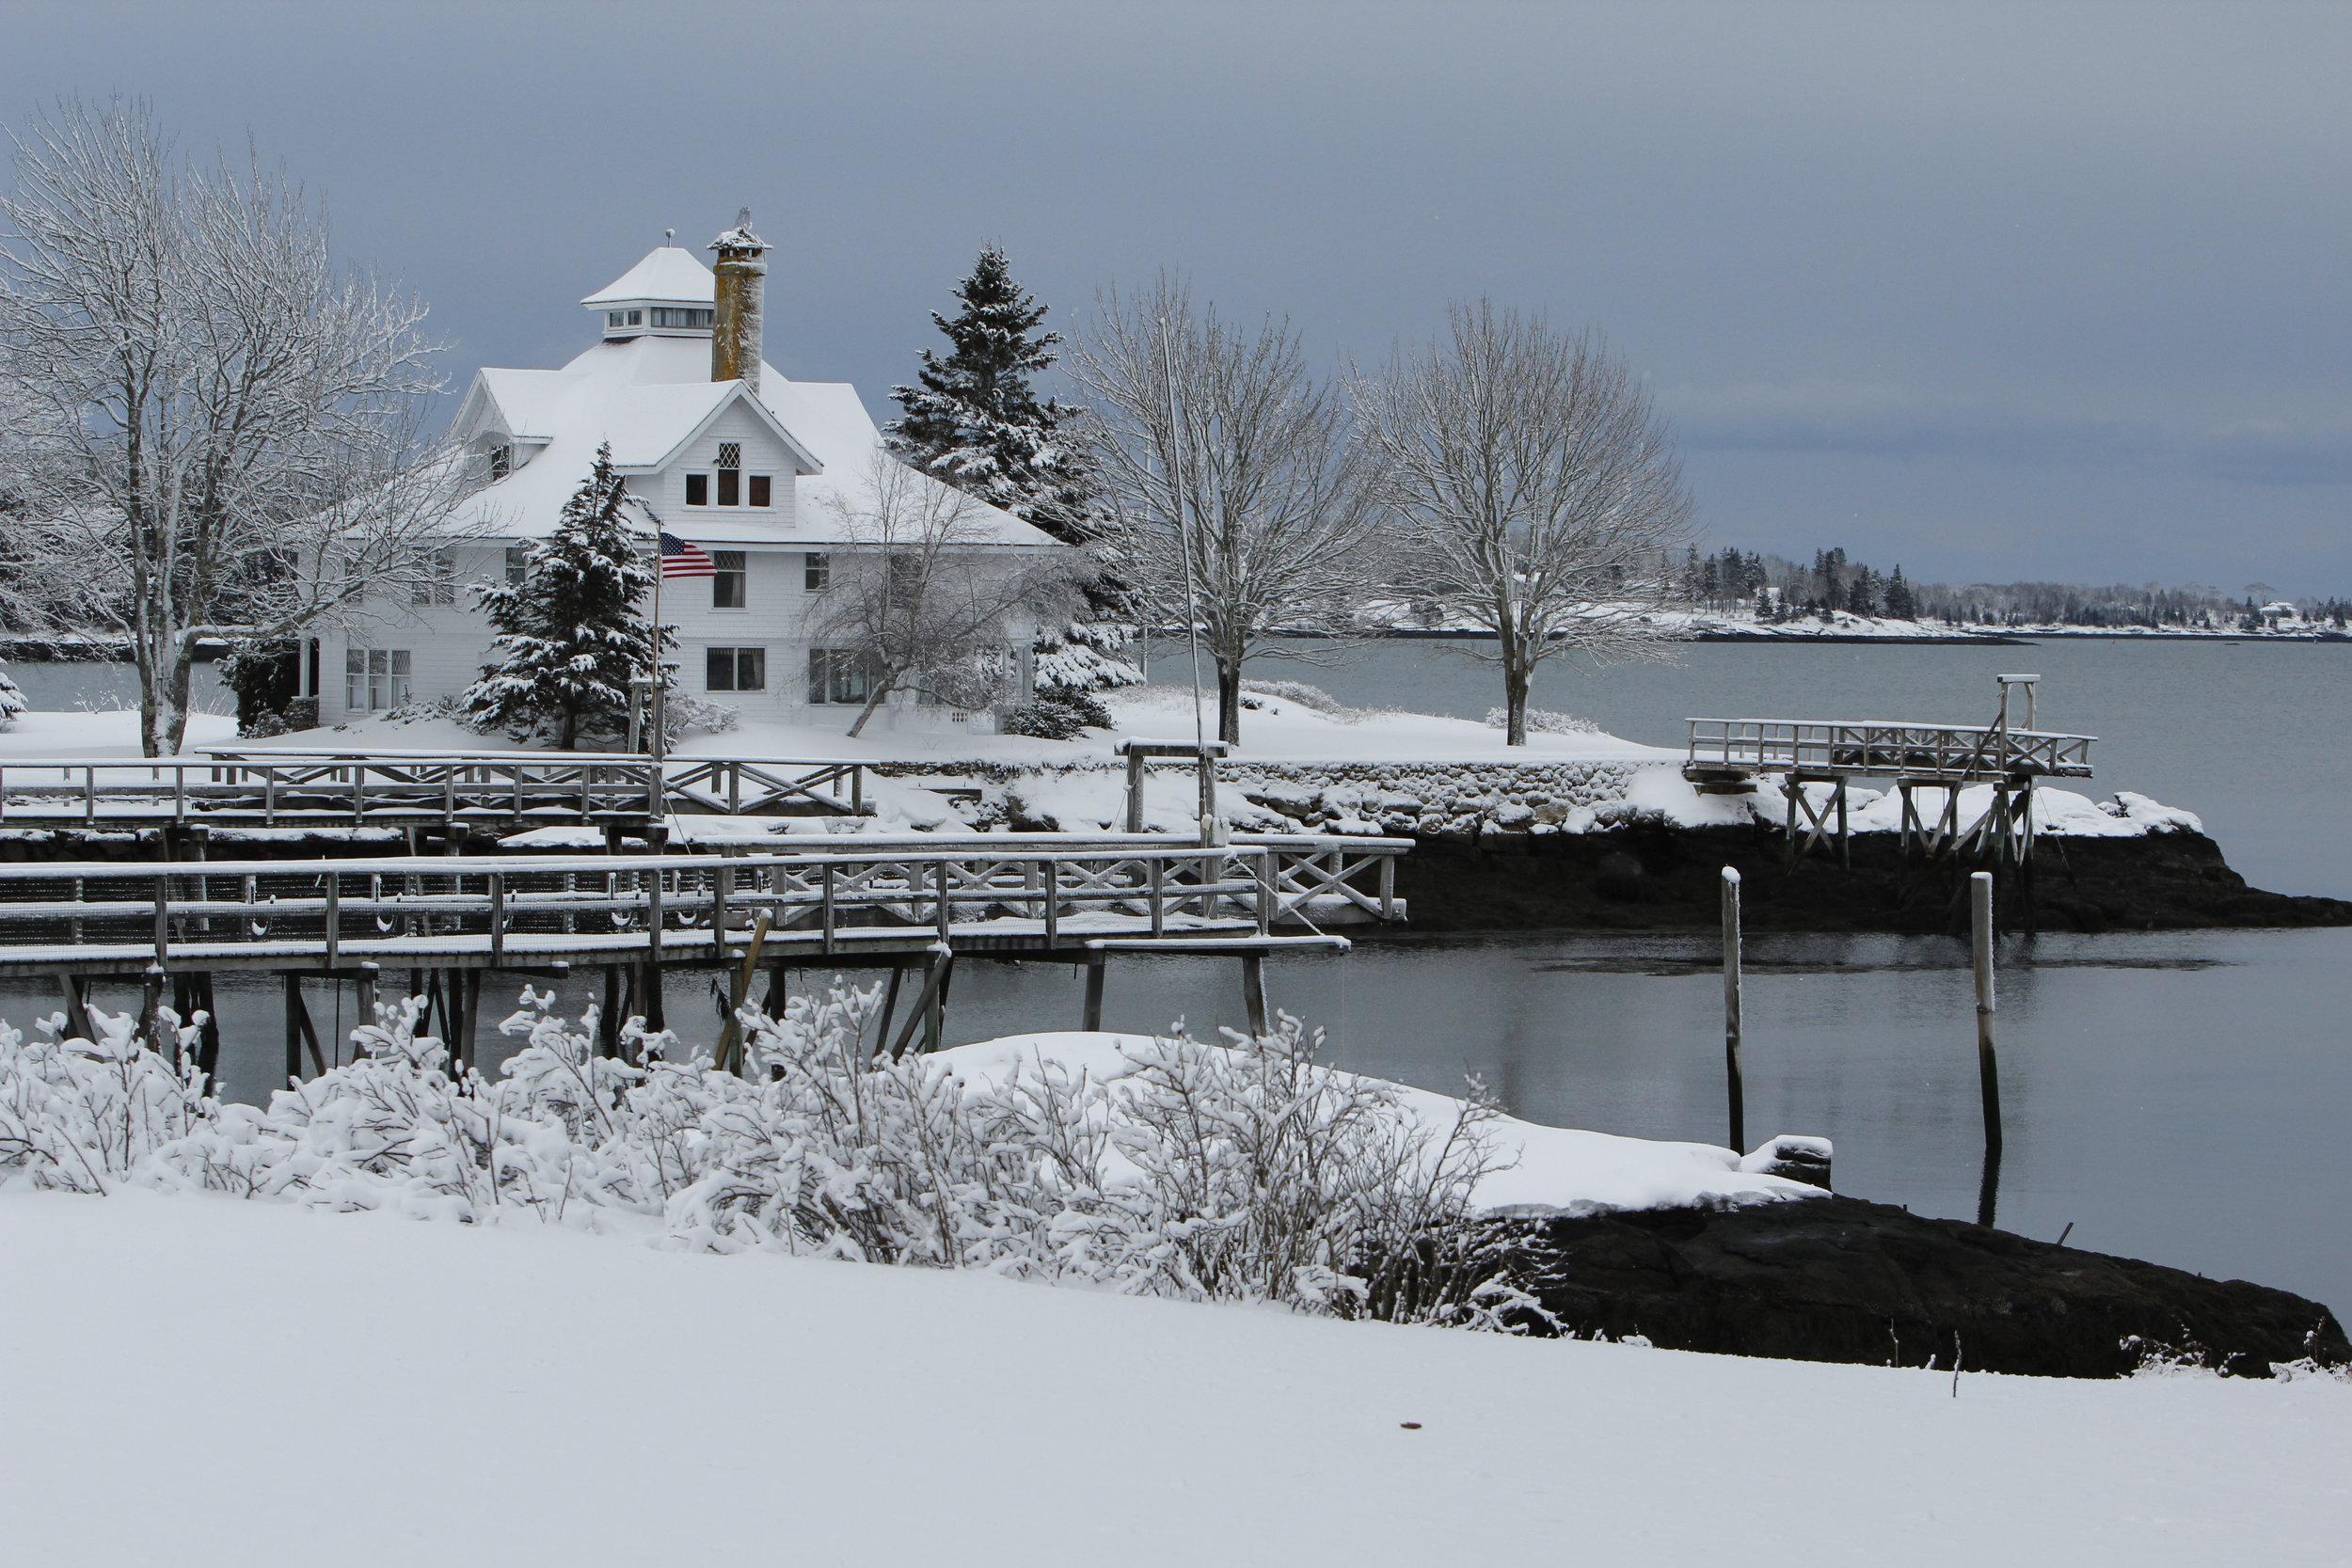 December: McKown Point